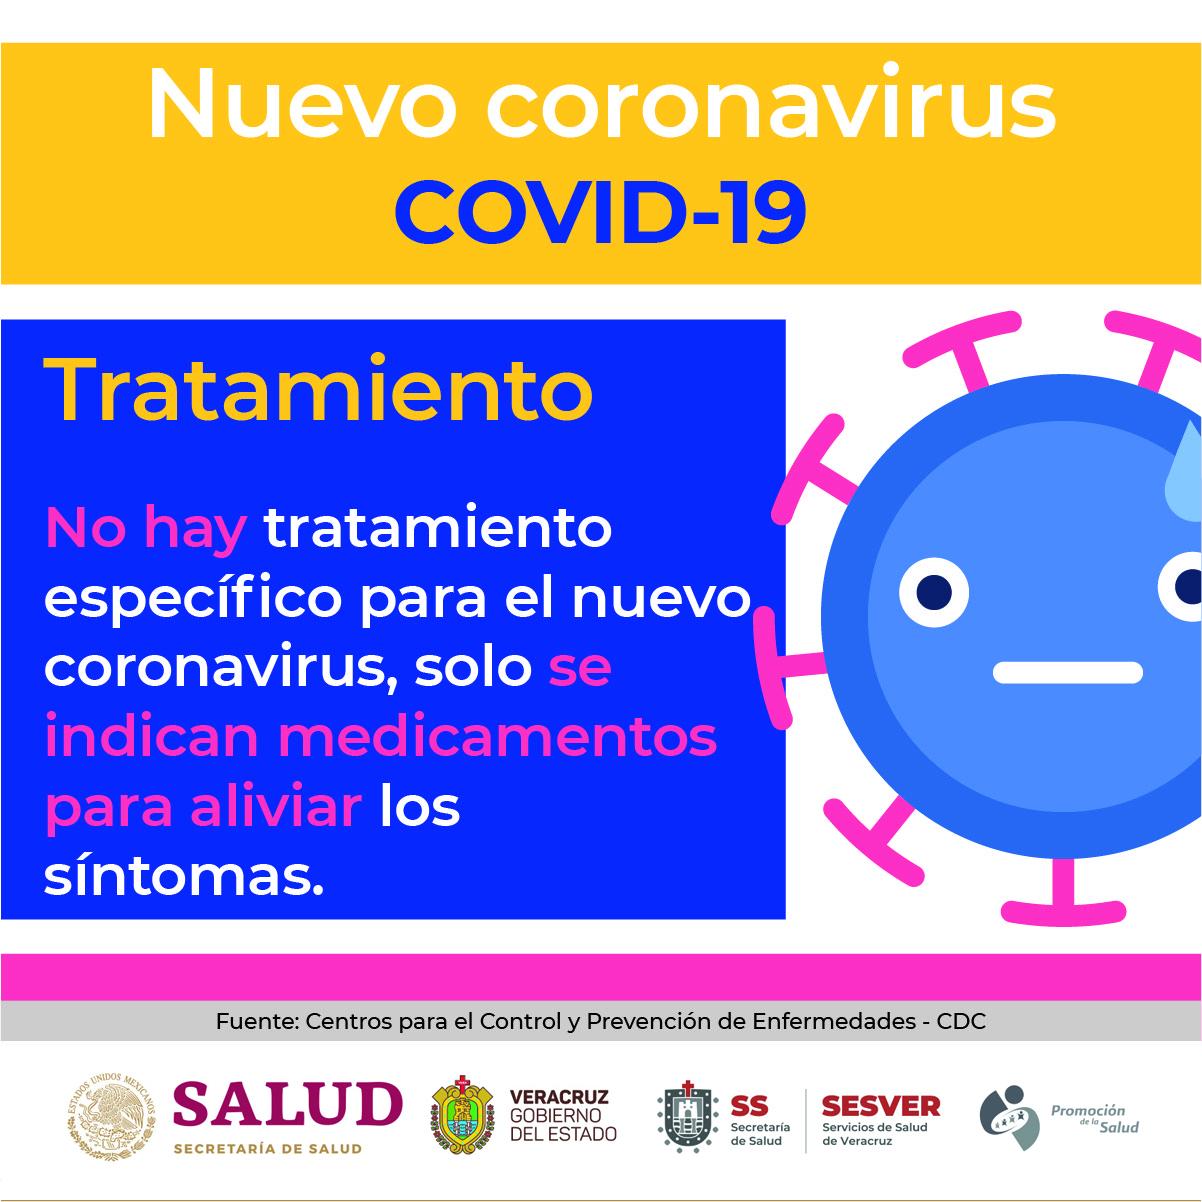 https://0201.nccdn.net/1_2/000/000/0c3/1b9/Coronavirus-Postal-6-IMSS-ISSSTE.jpg